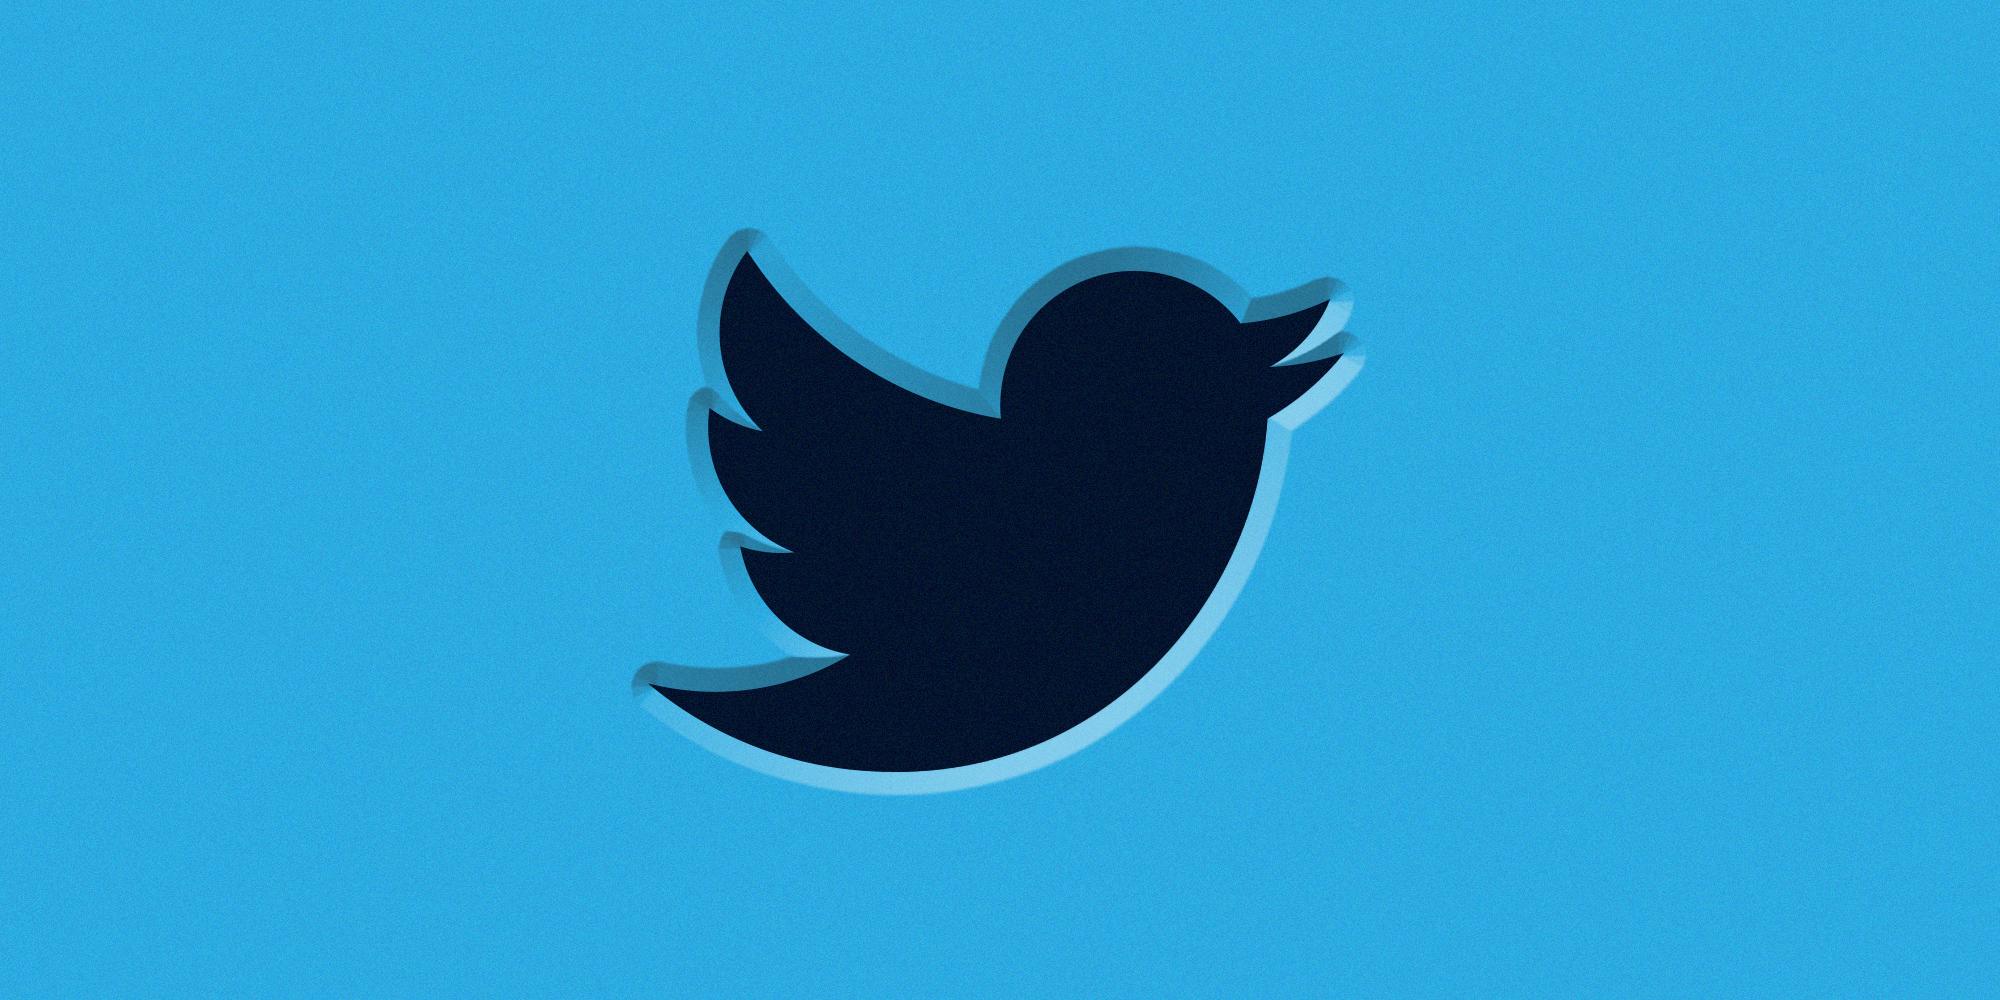 Comment tweeter en 280 caractères avec Google Chrome ou Mozilla Firefox